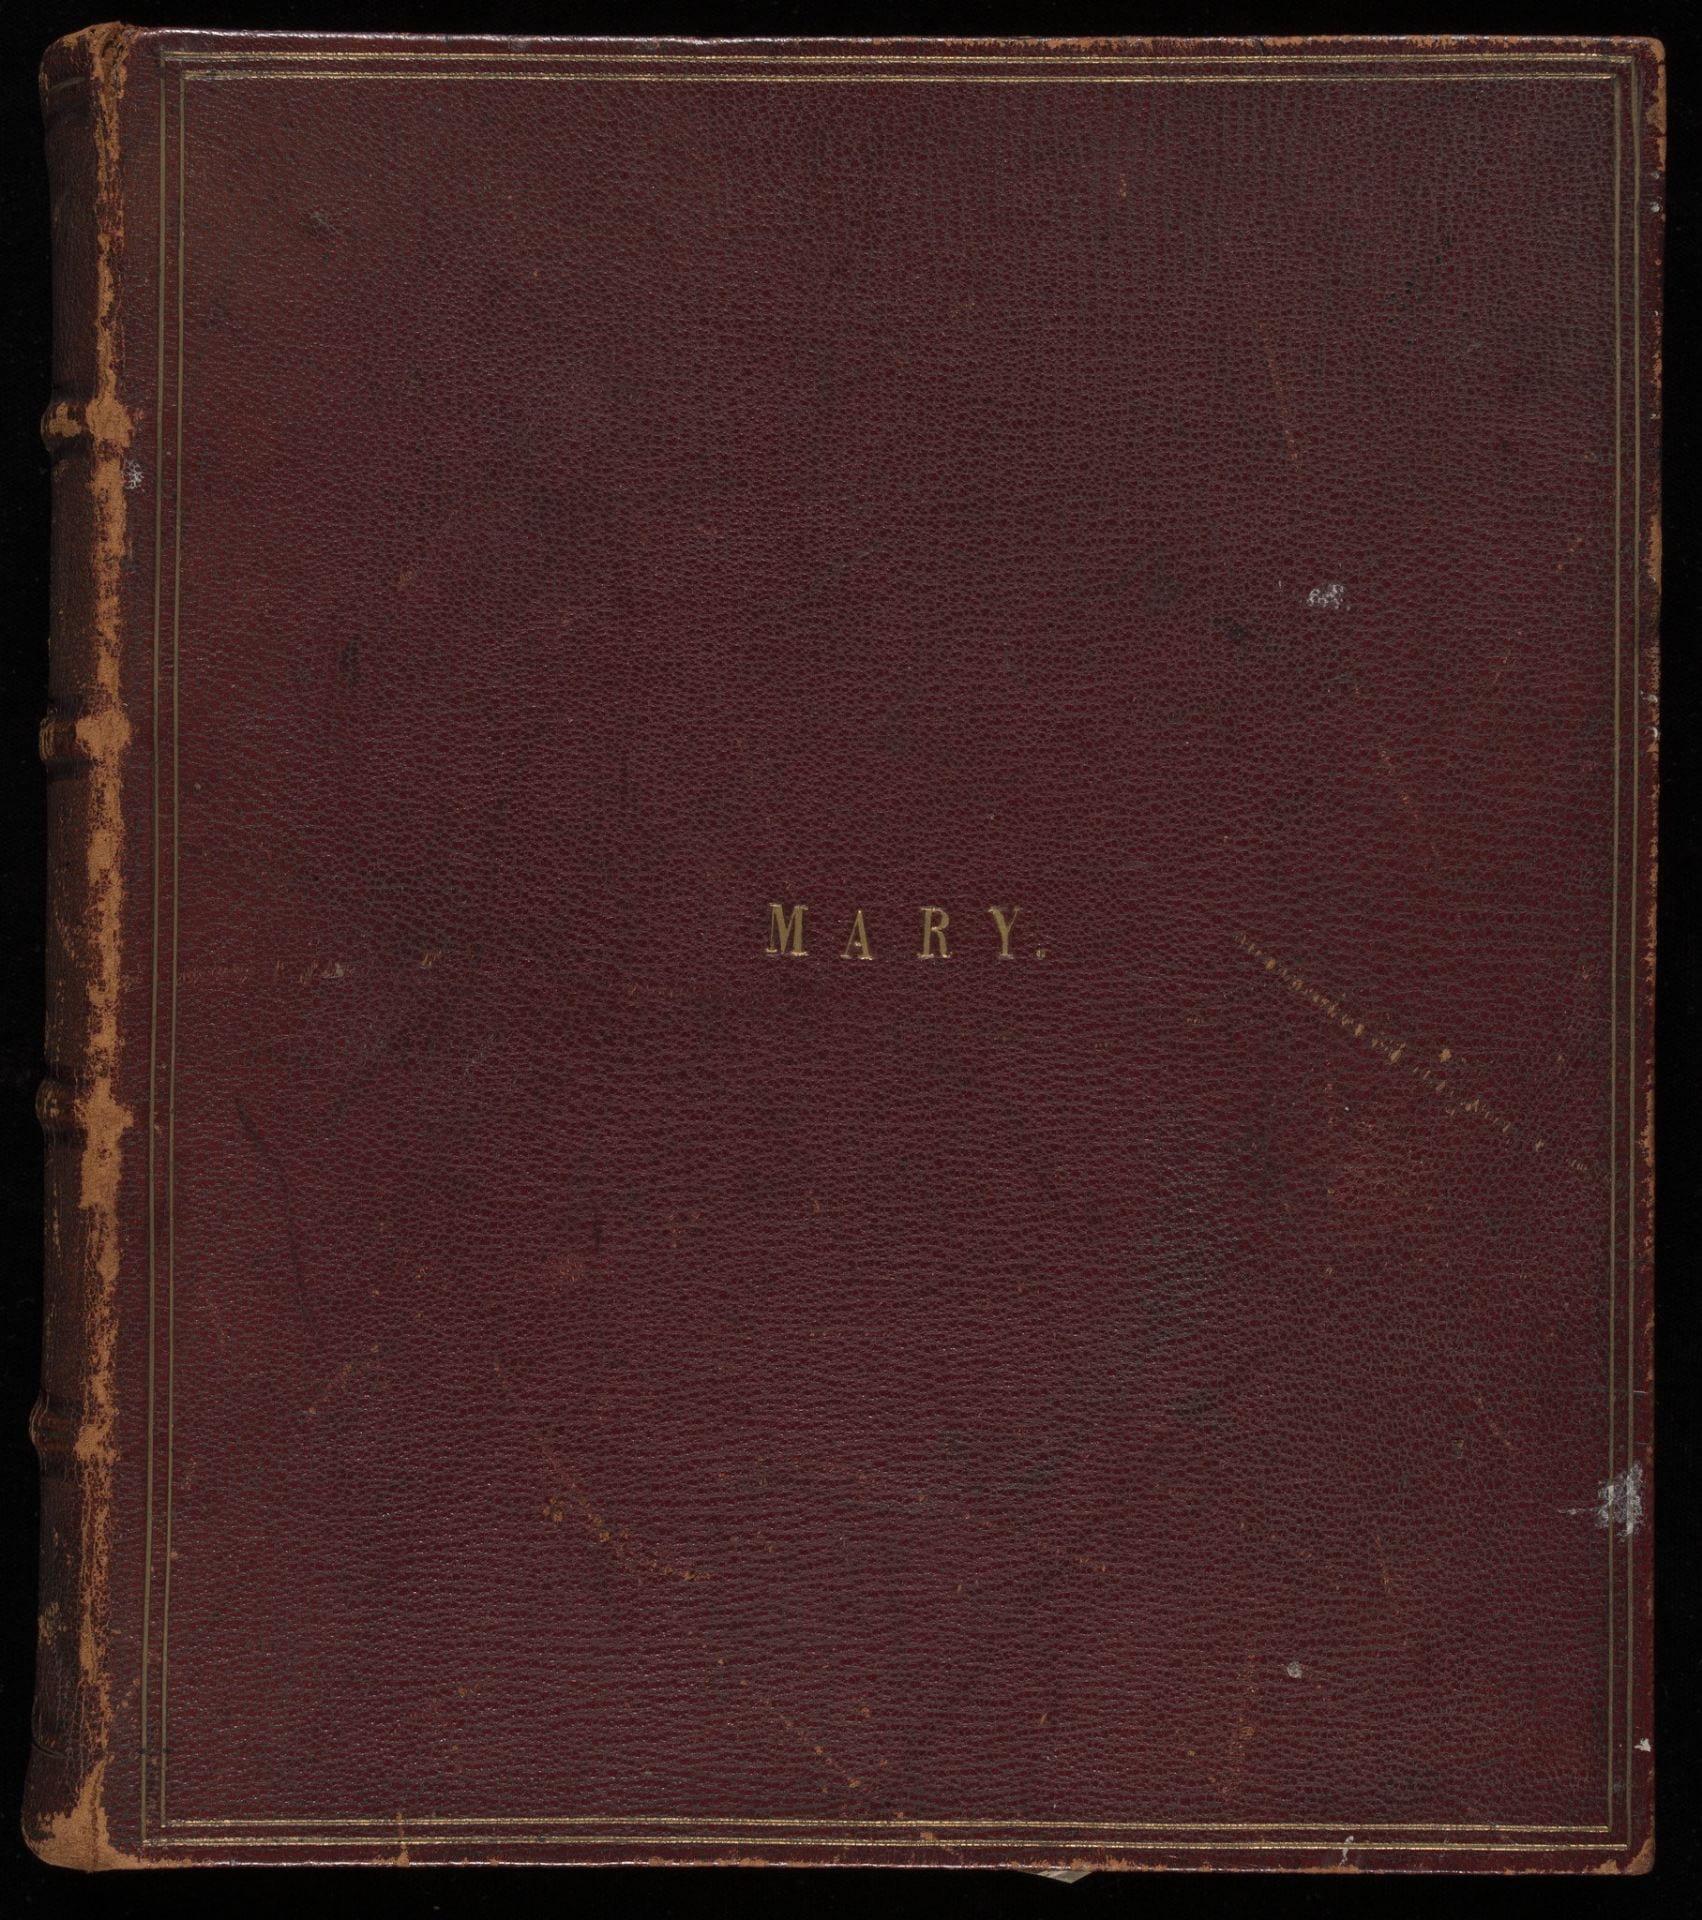 Cover of the Burnip Album, RPS.1177:1-32-2019. © Victoria and Albert Museum, London.